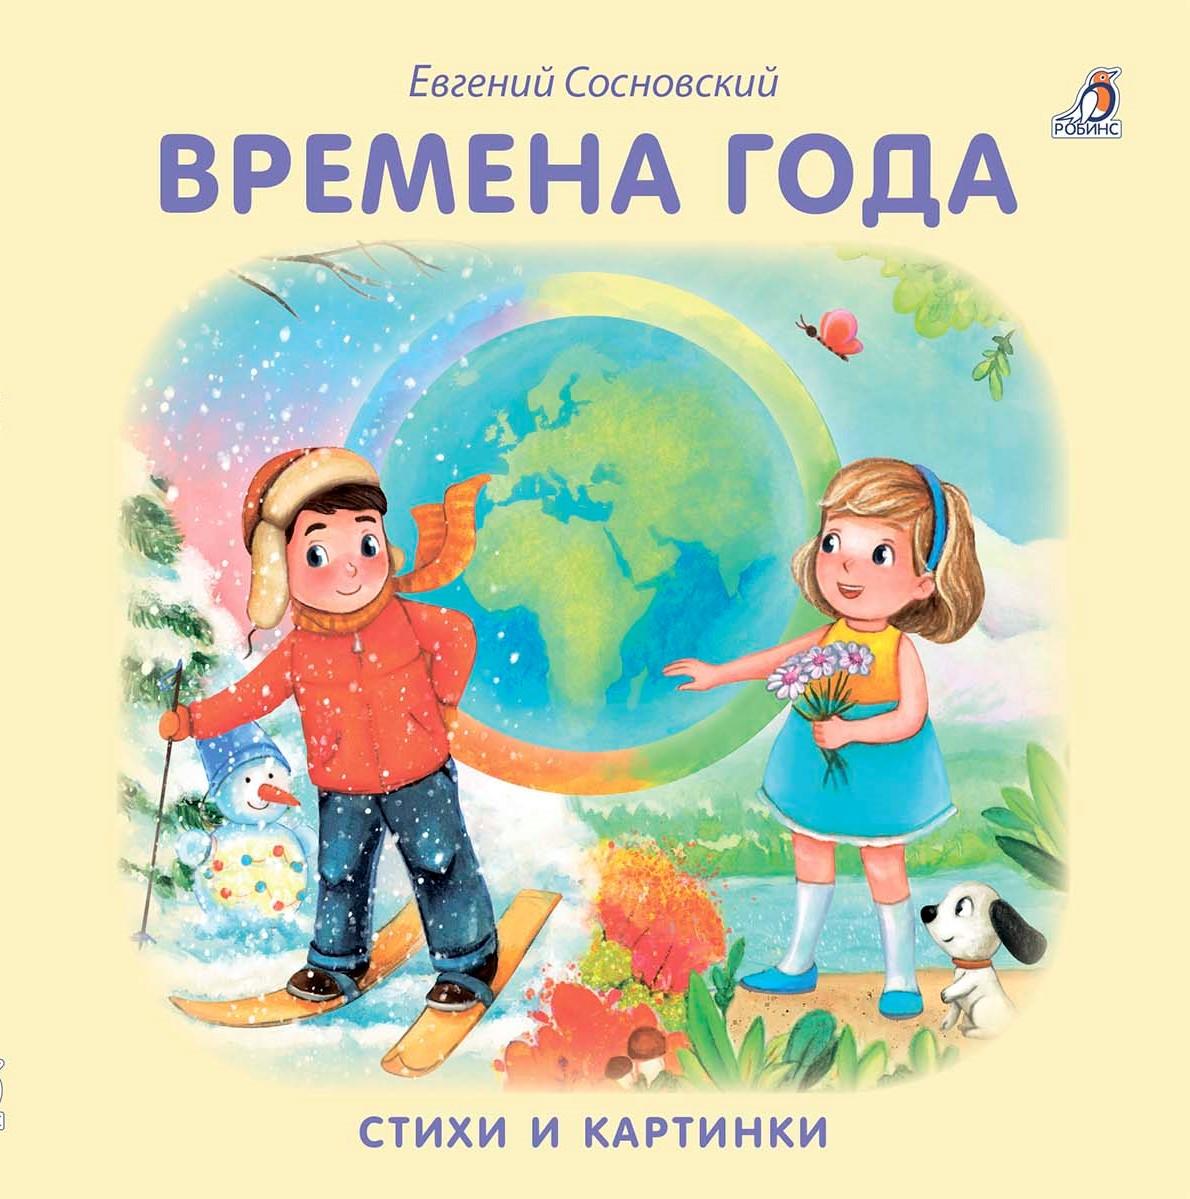 Купить Книжка-картонка - Времена года, РОБИНС